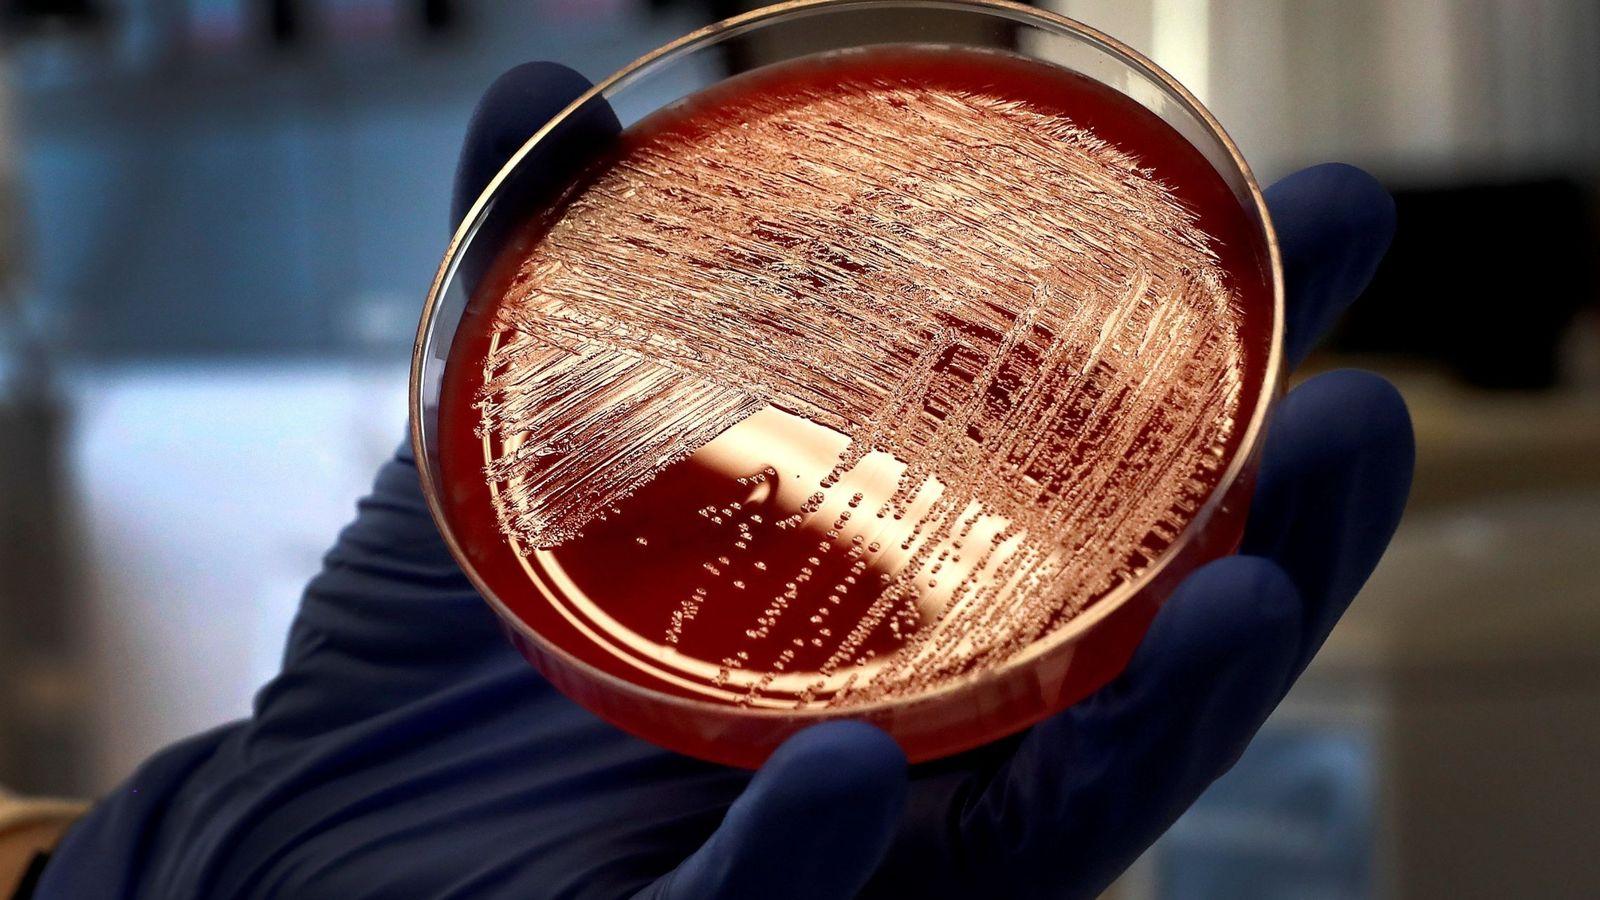 Foto: Vista de un cultivo de listeriosis en una placa de Petri. (EFE)